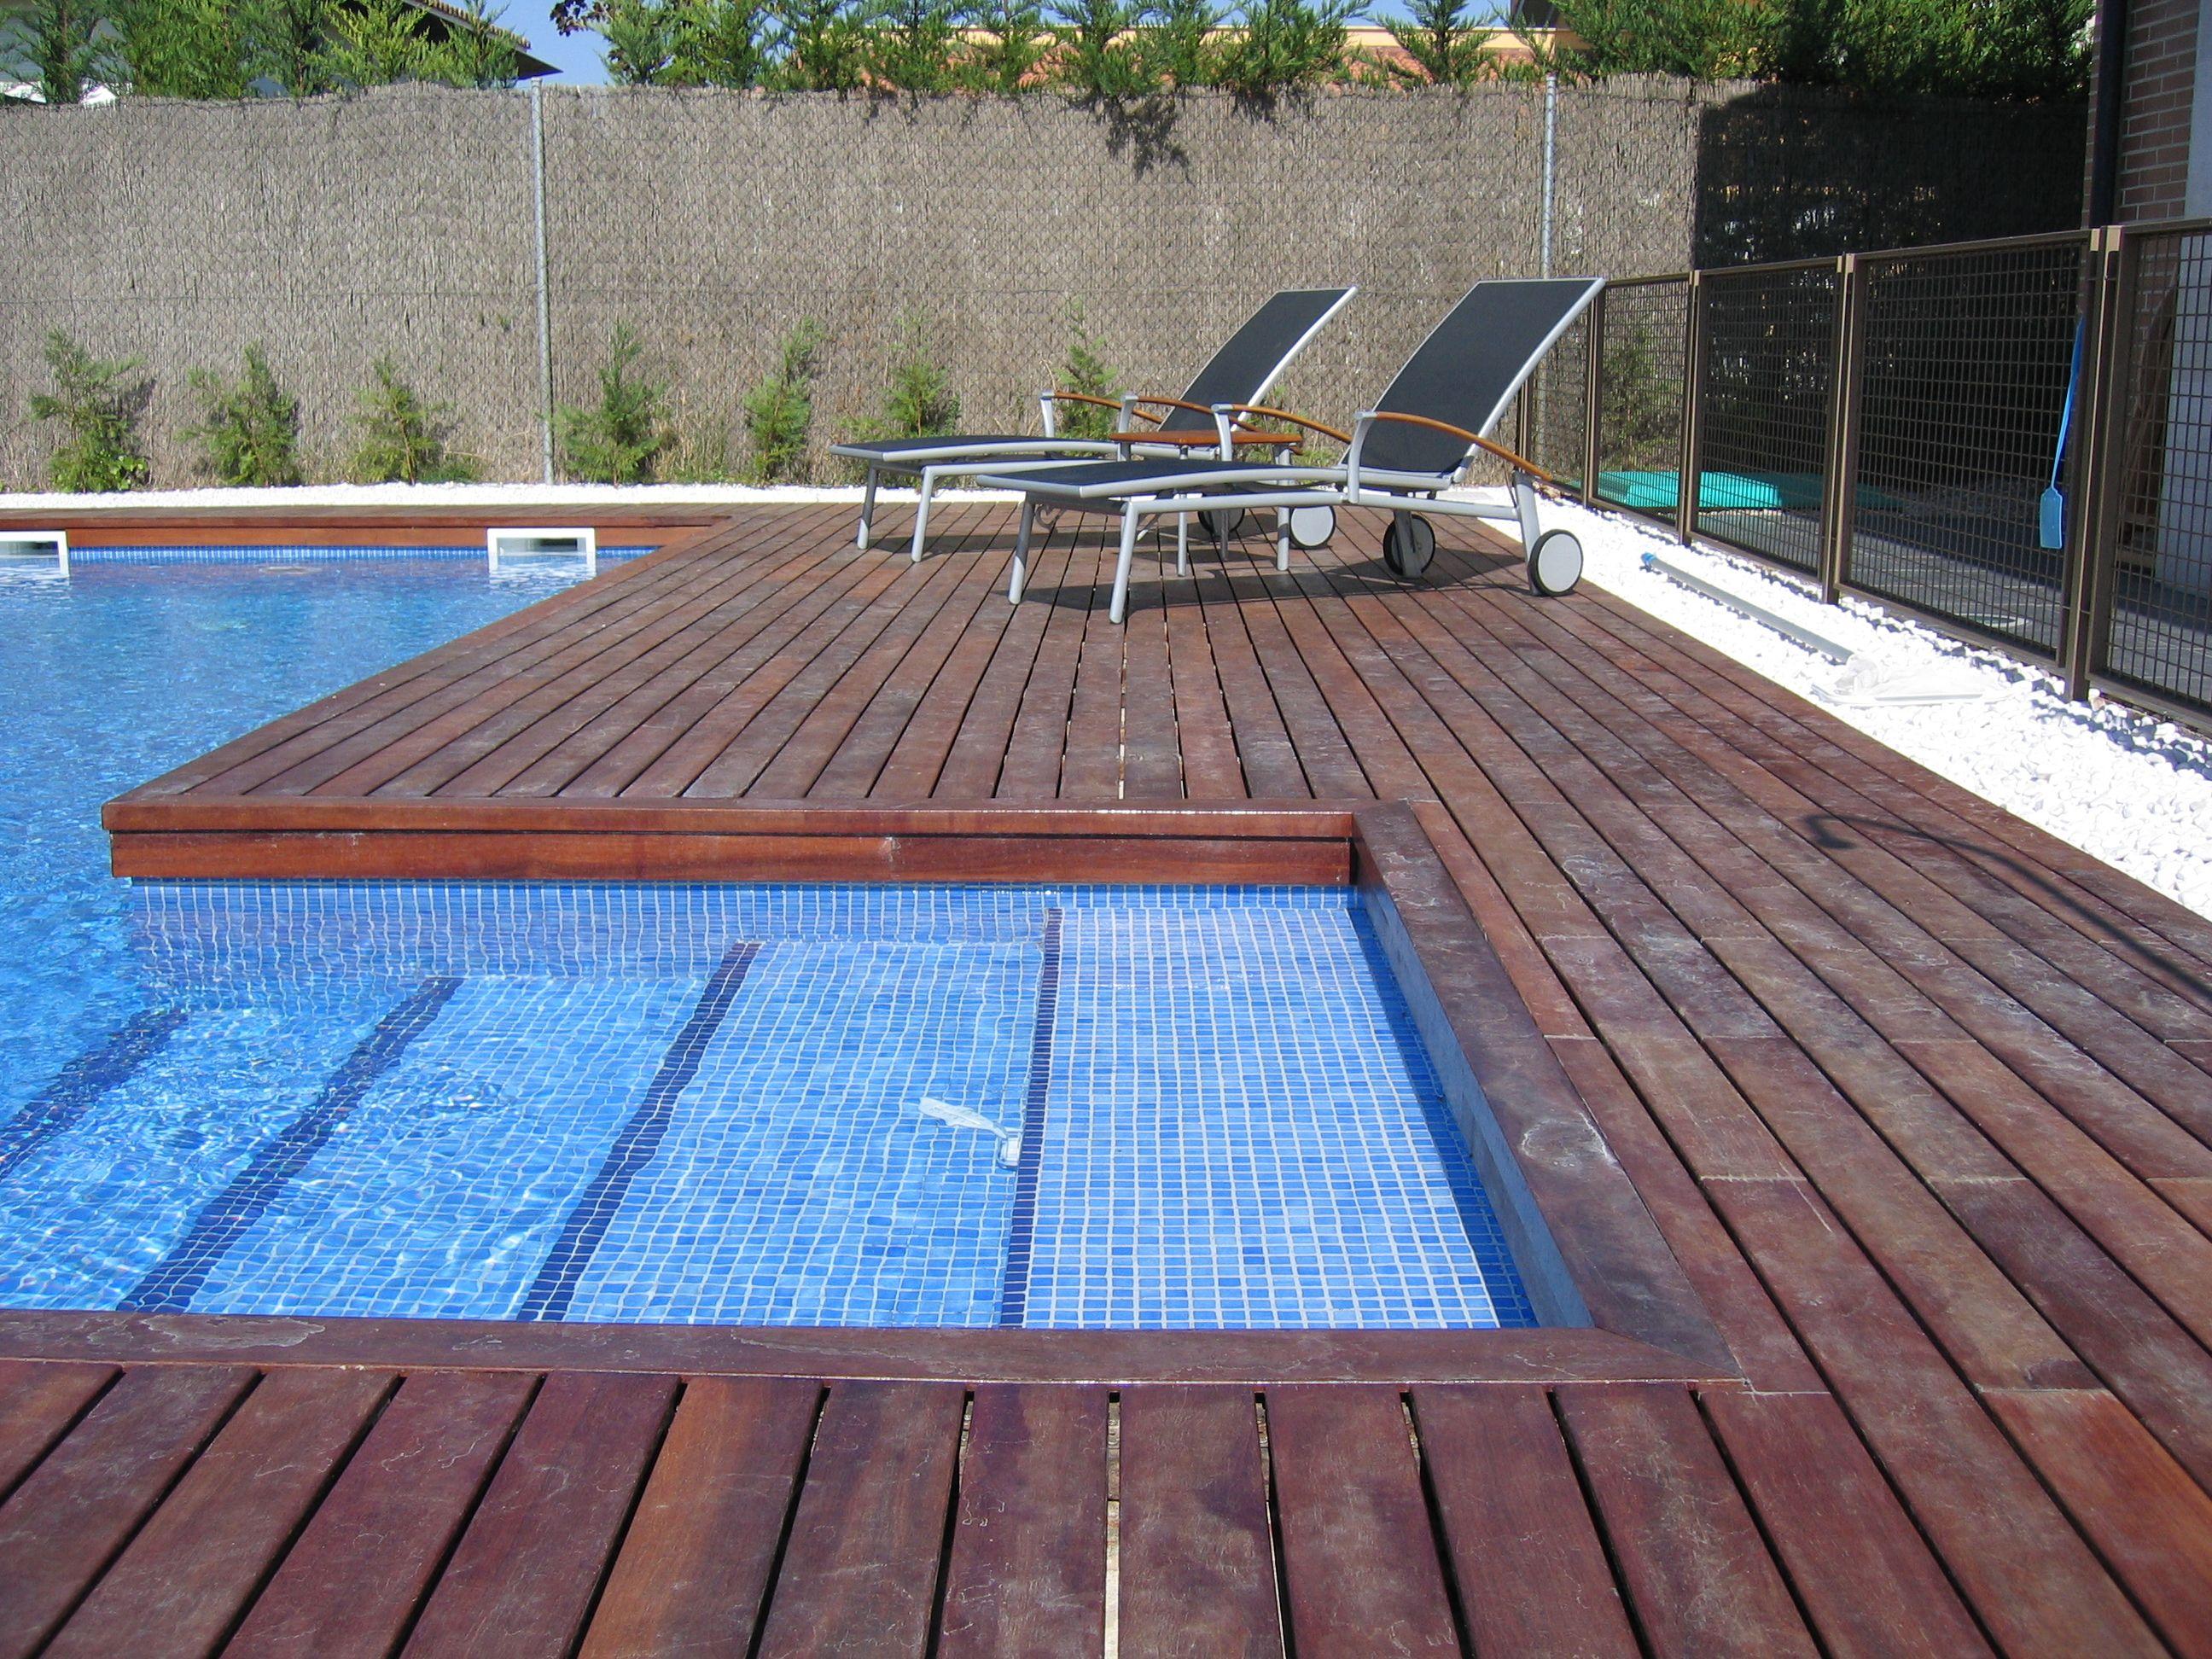 Tarima de exteriores en piscina.